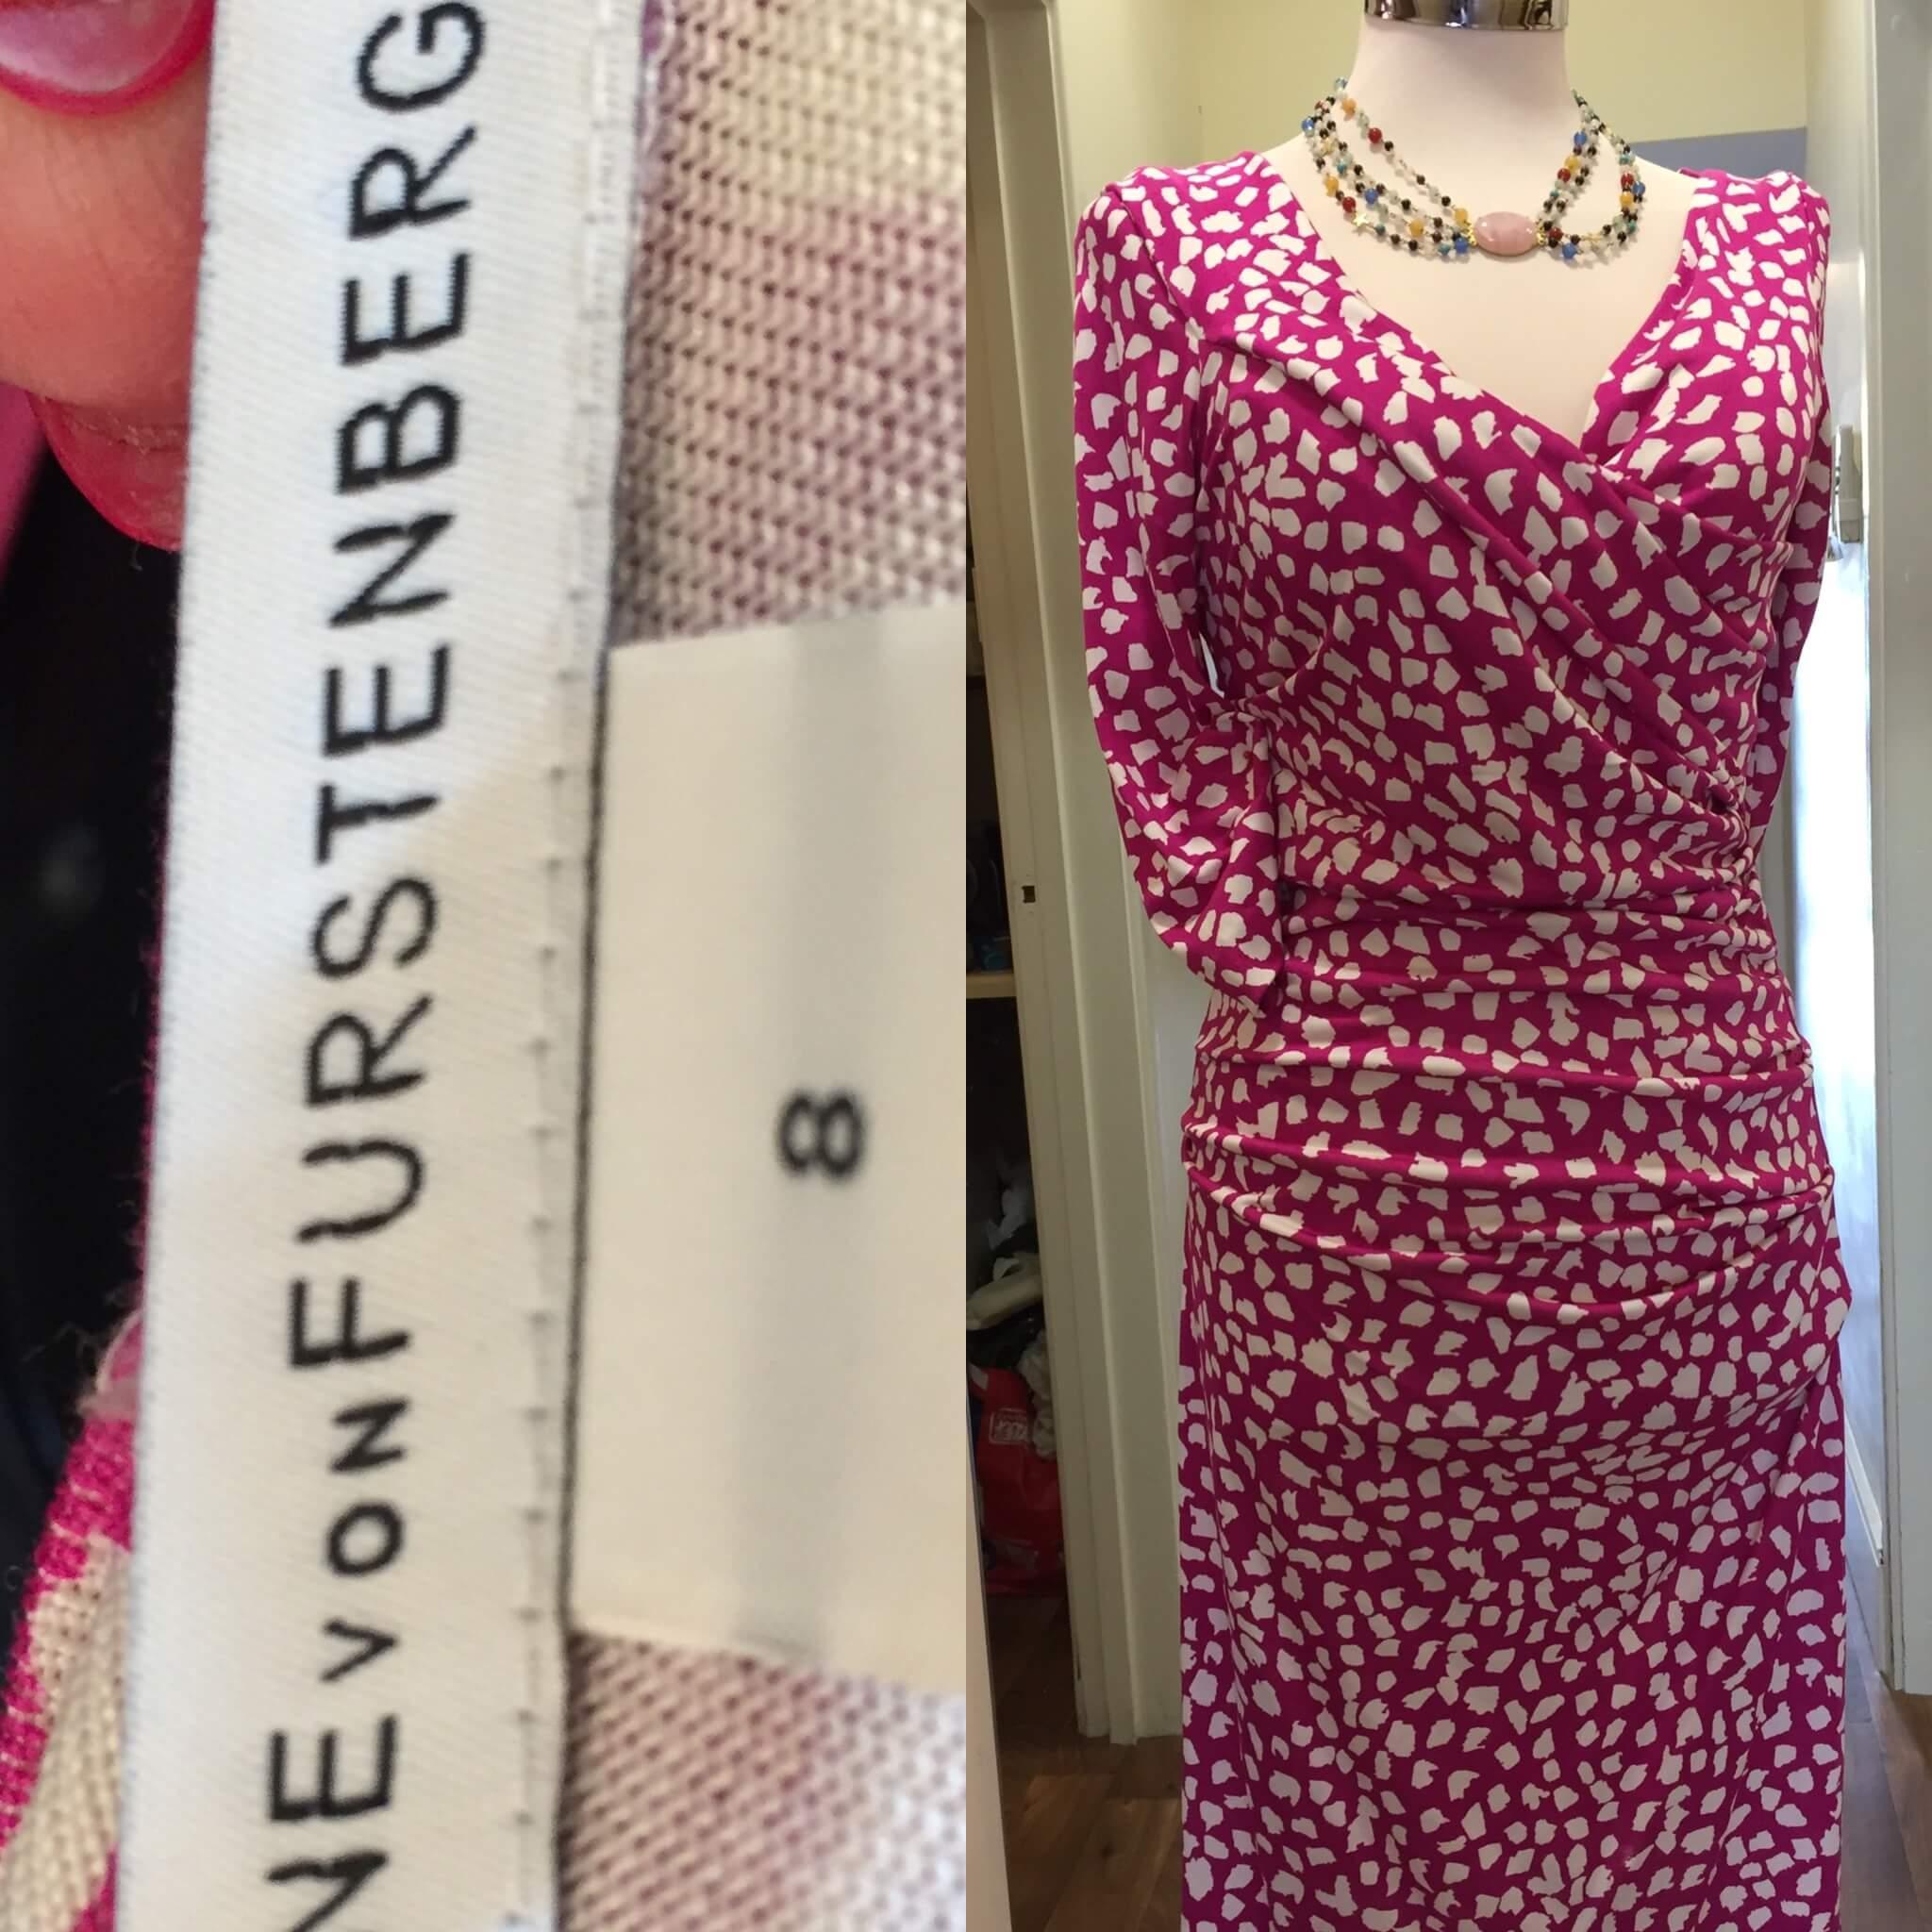 Diane von Furstenberg Dress £149 (1).jpg